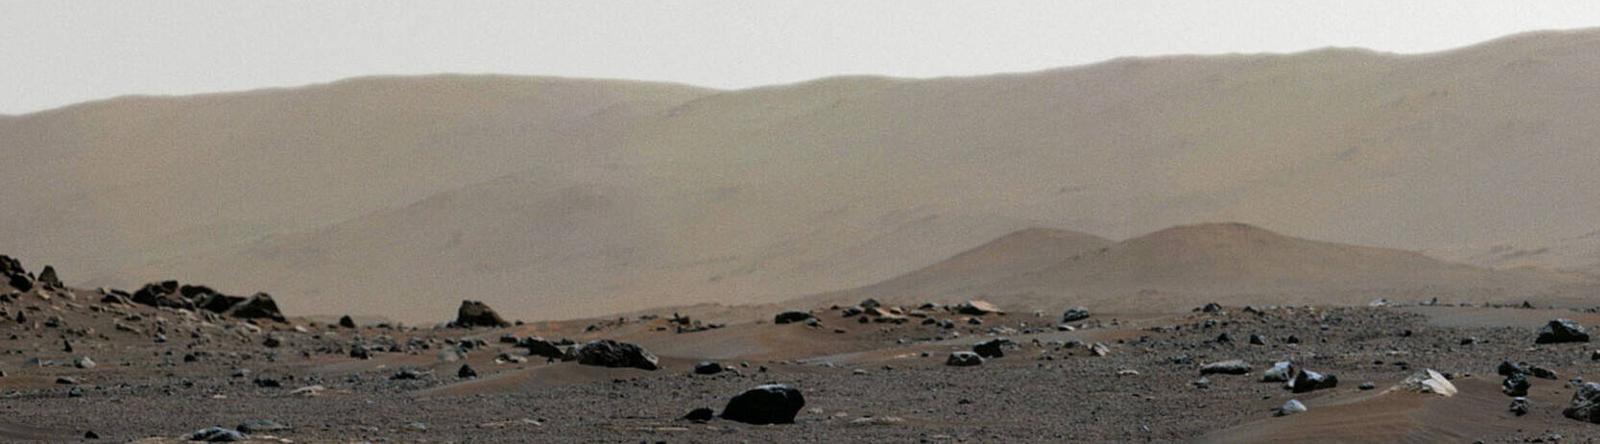 Eine Landschaft auf dem Mars. Im Vordergrund liegen Steine und Geröll. Im Hintergrund sandige Hügel und ein Streifen Himmel.